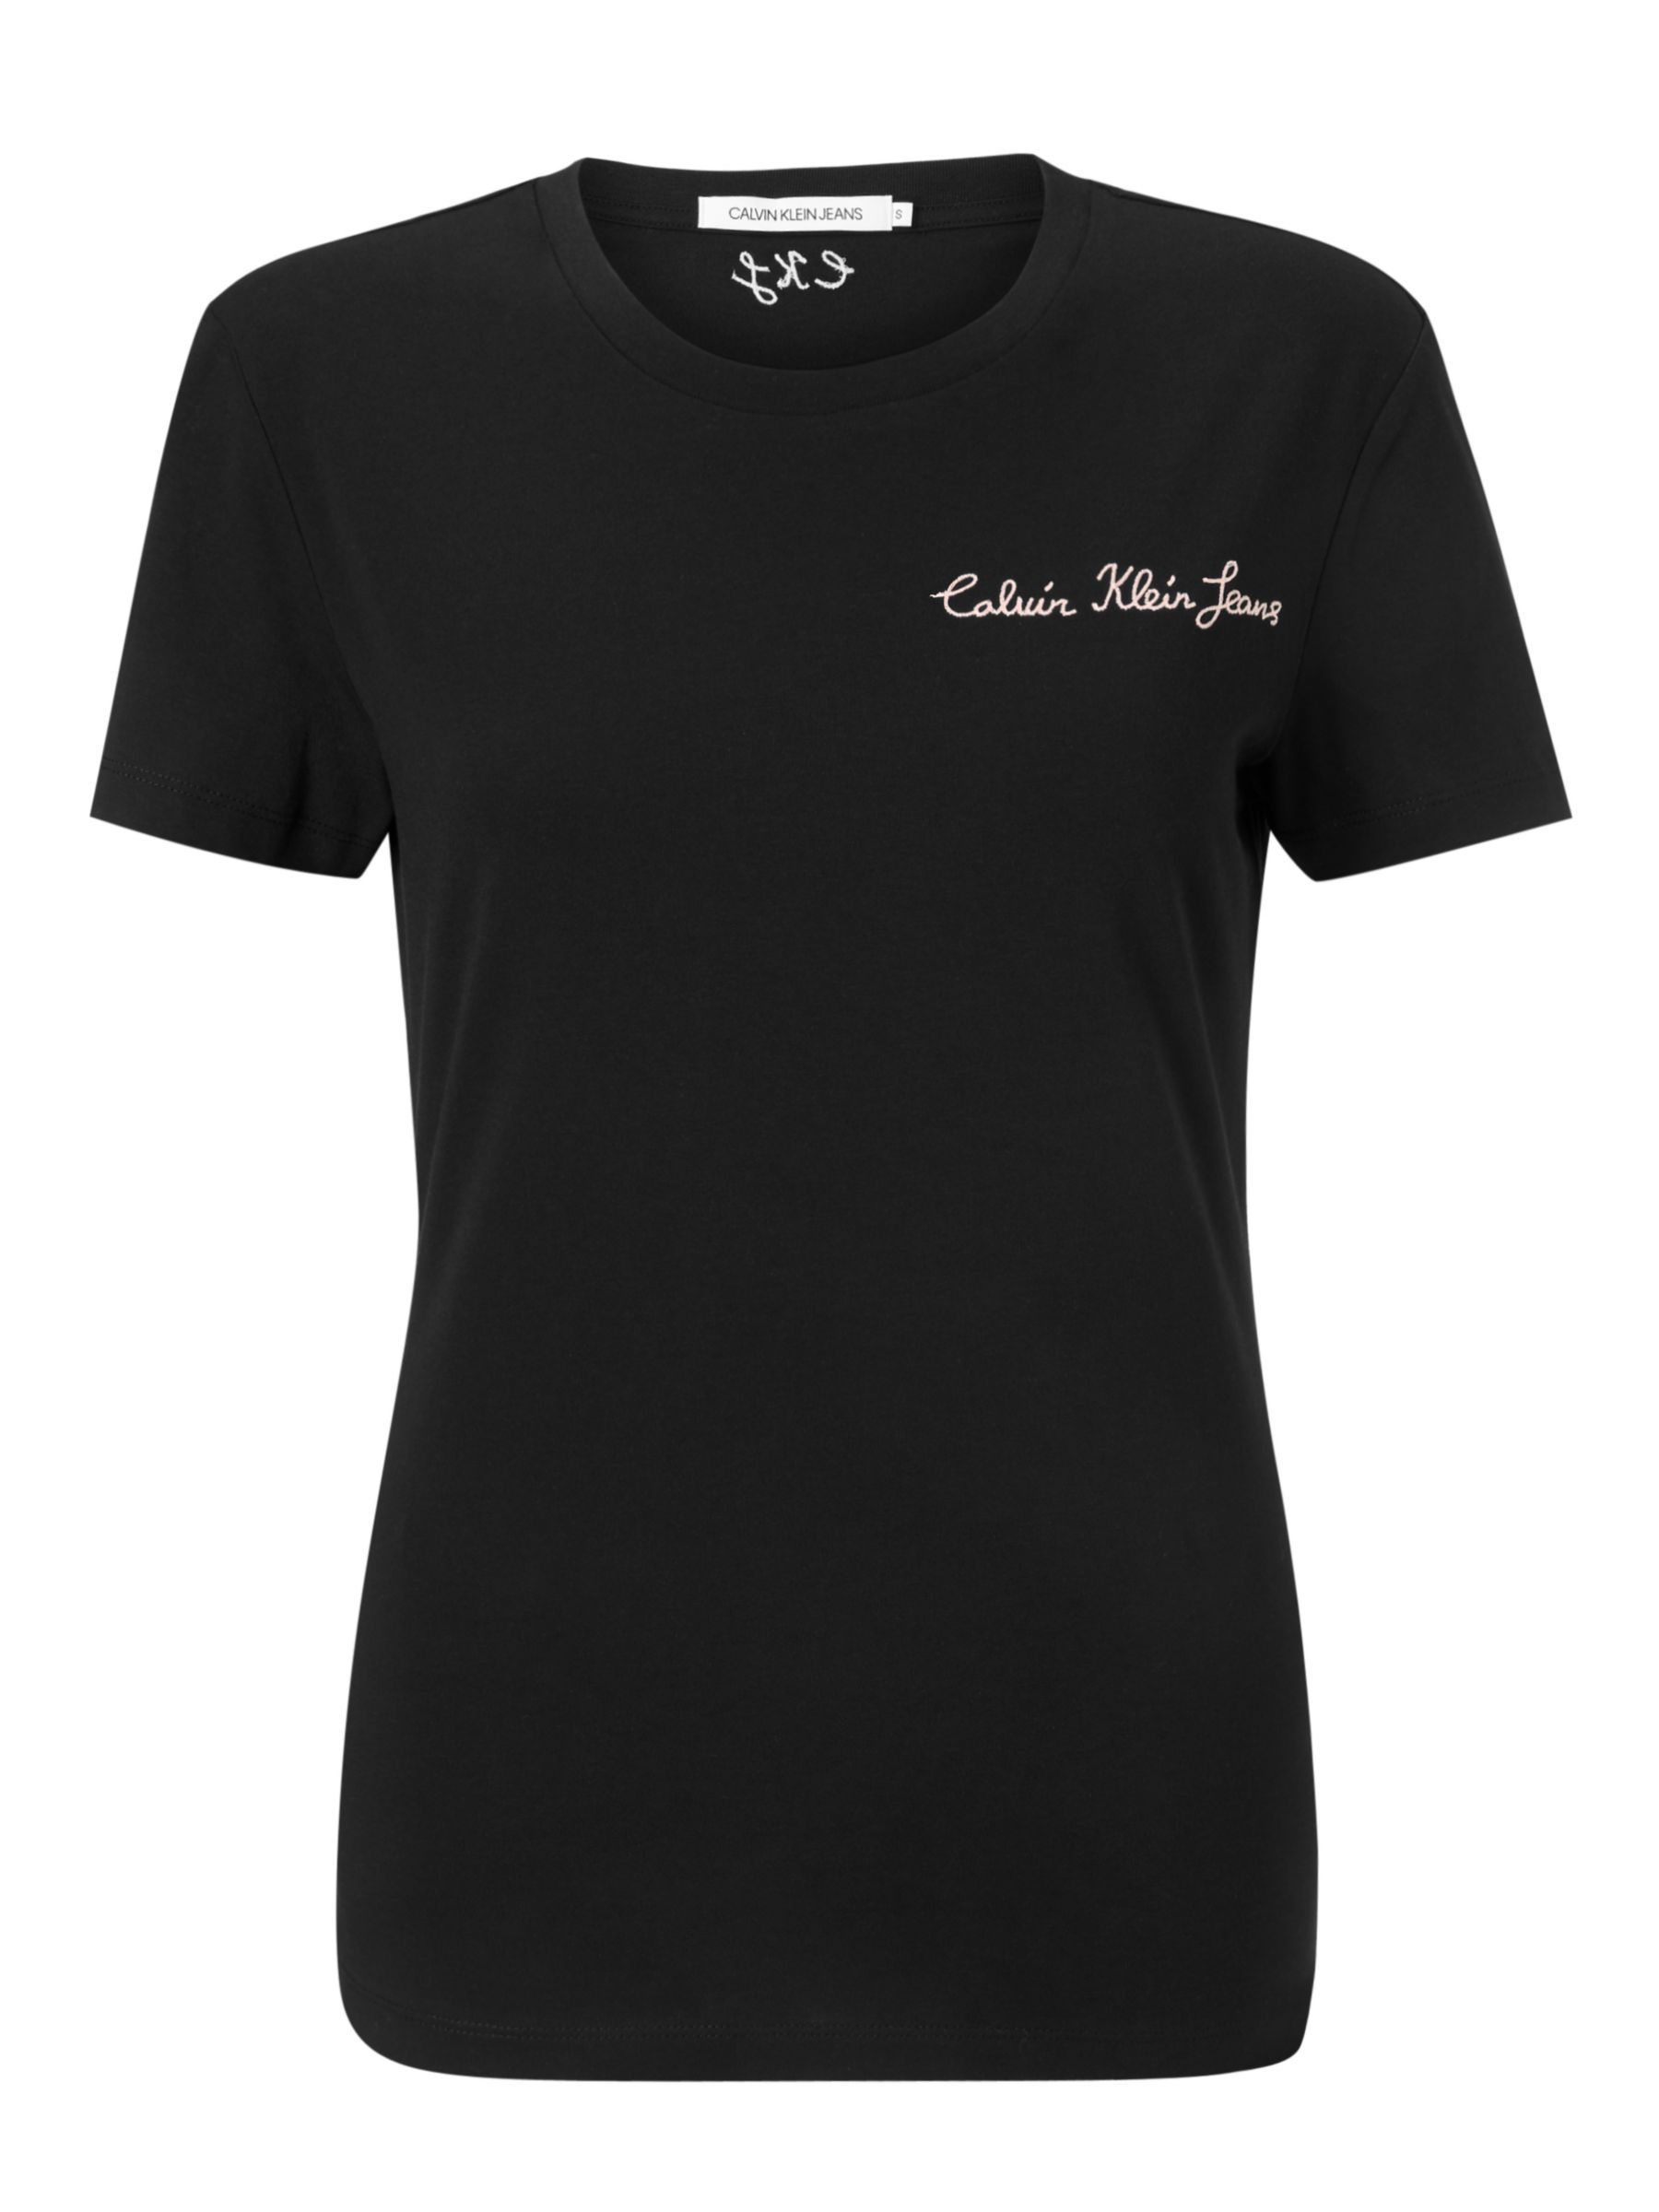 Discounted Calvin Klein Ck Black